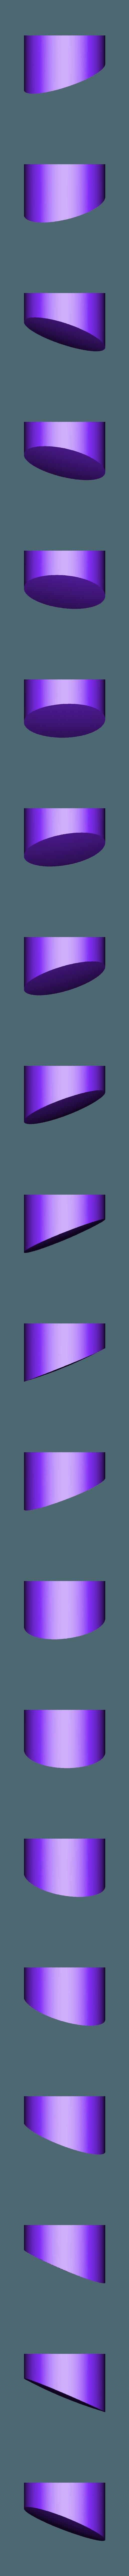 pupil left black.stl Télécharger fichier STL gratuit Chococat (チョコキャット, Chokokyatto) de Hello kitty • Modèle pour imprimante 3D, Jangie